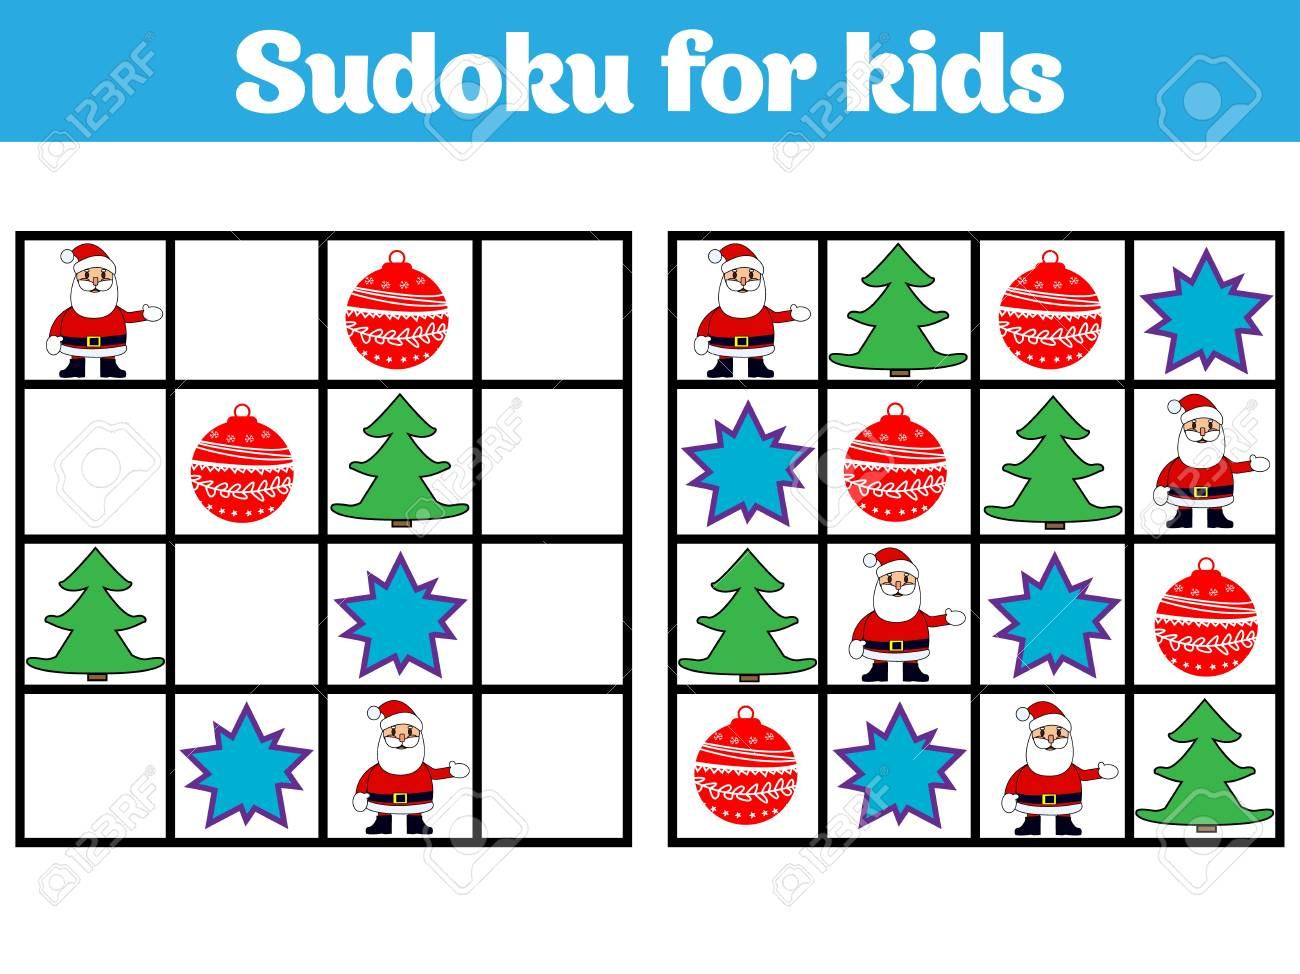 Jeu De Sudoku Pour Les Enfants Avec Des Images. Jeu De Logique Pour Les  Enfants D'âge Préscolaire. Rébus Pour Les Enfants. Illustration Vectorielle  De tout Sudoku Pour Enfant